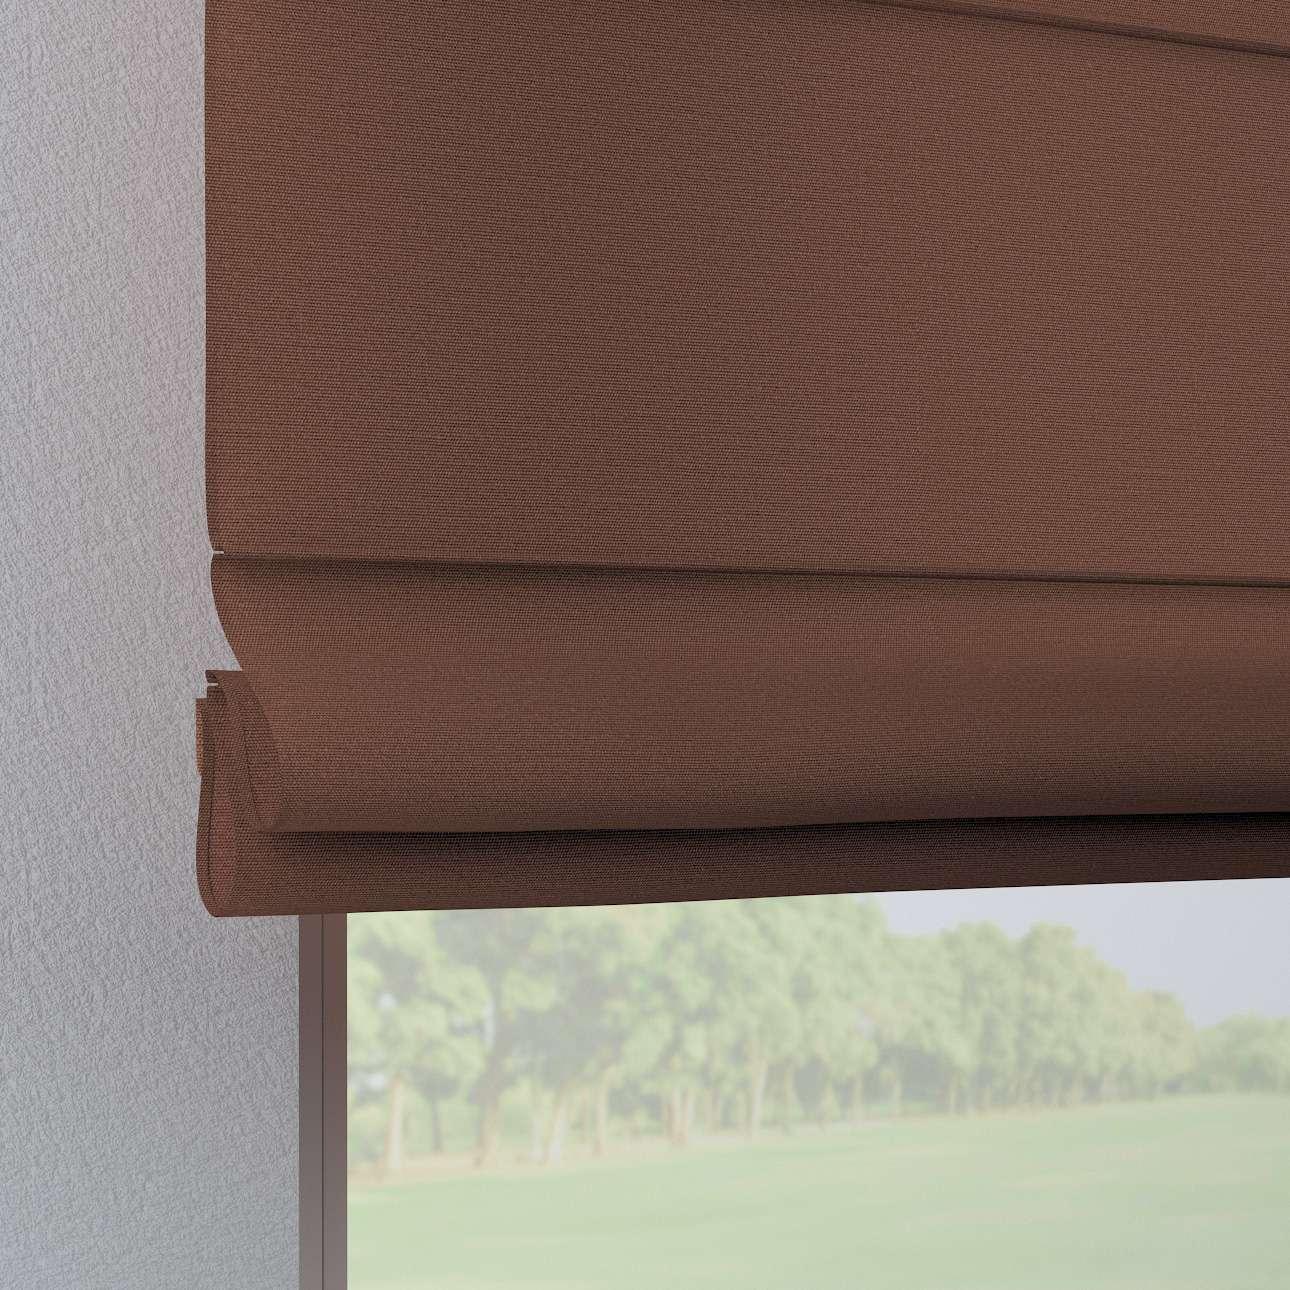 Raffrollo Verona 80 x 170 cm von der Kollektion Loneta, Stoff: 133-09